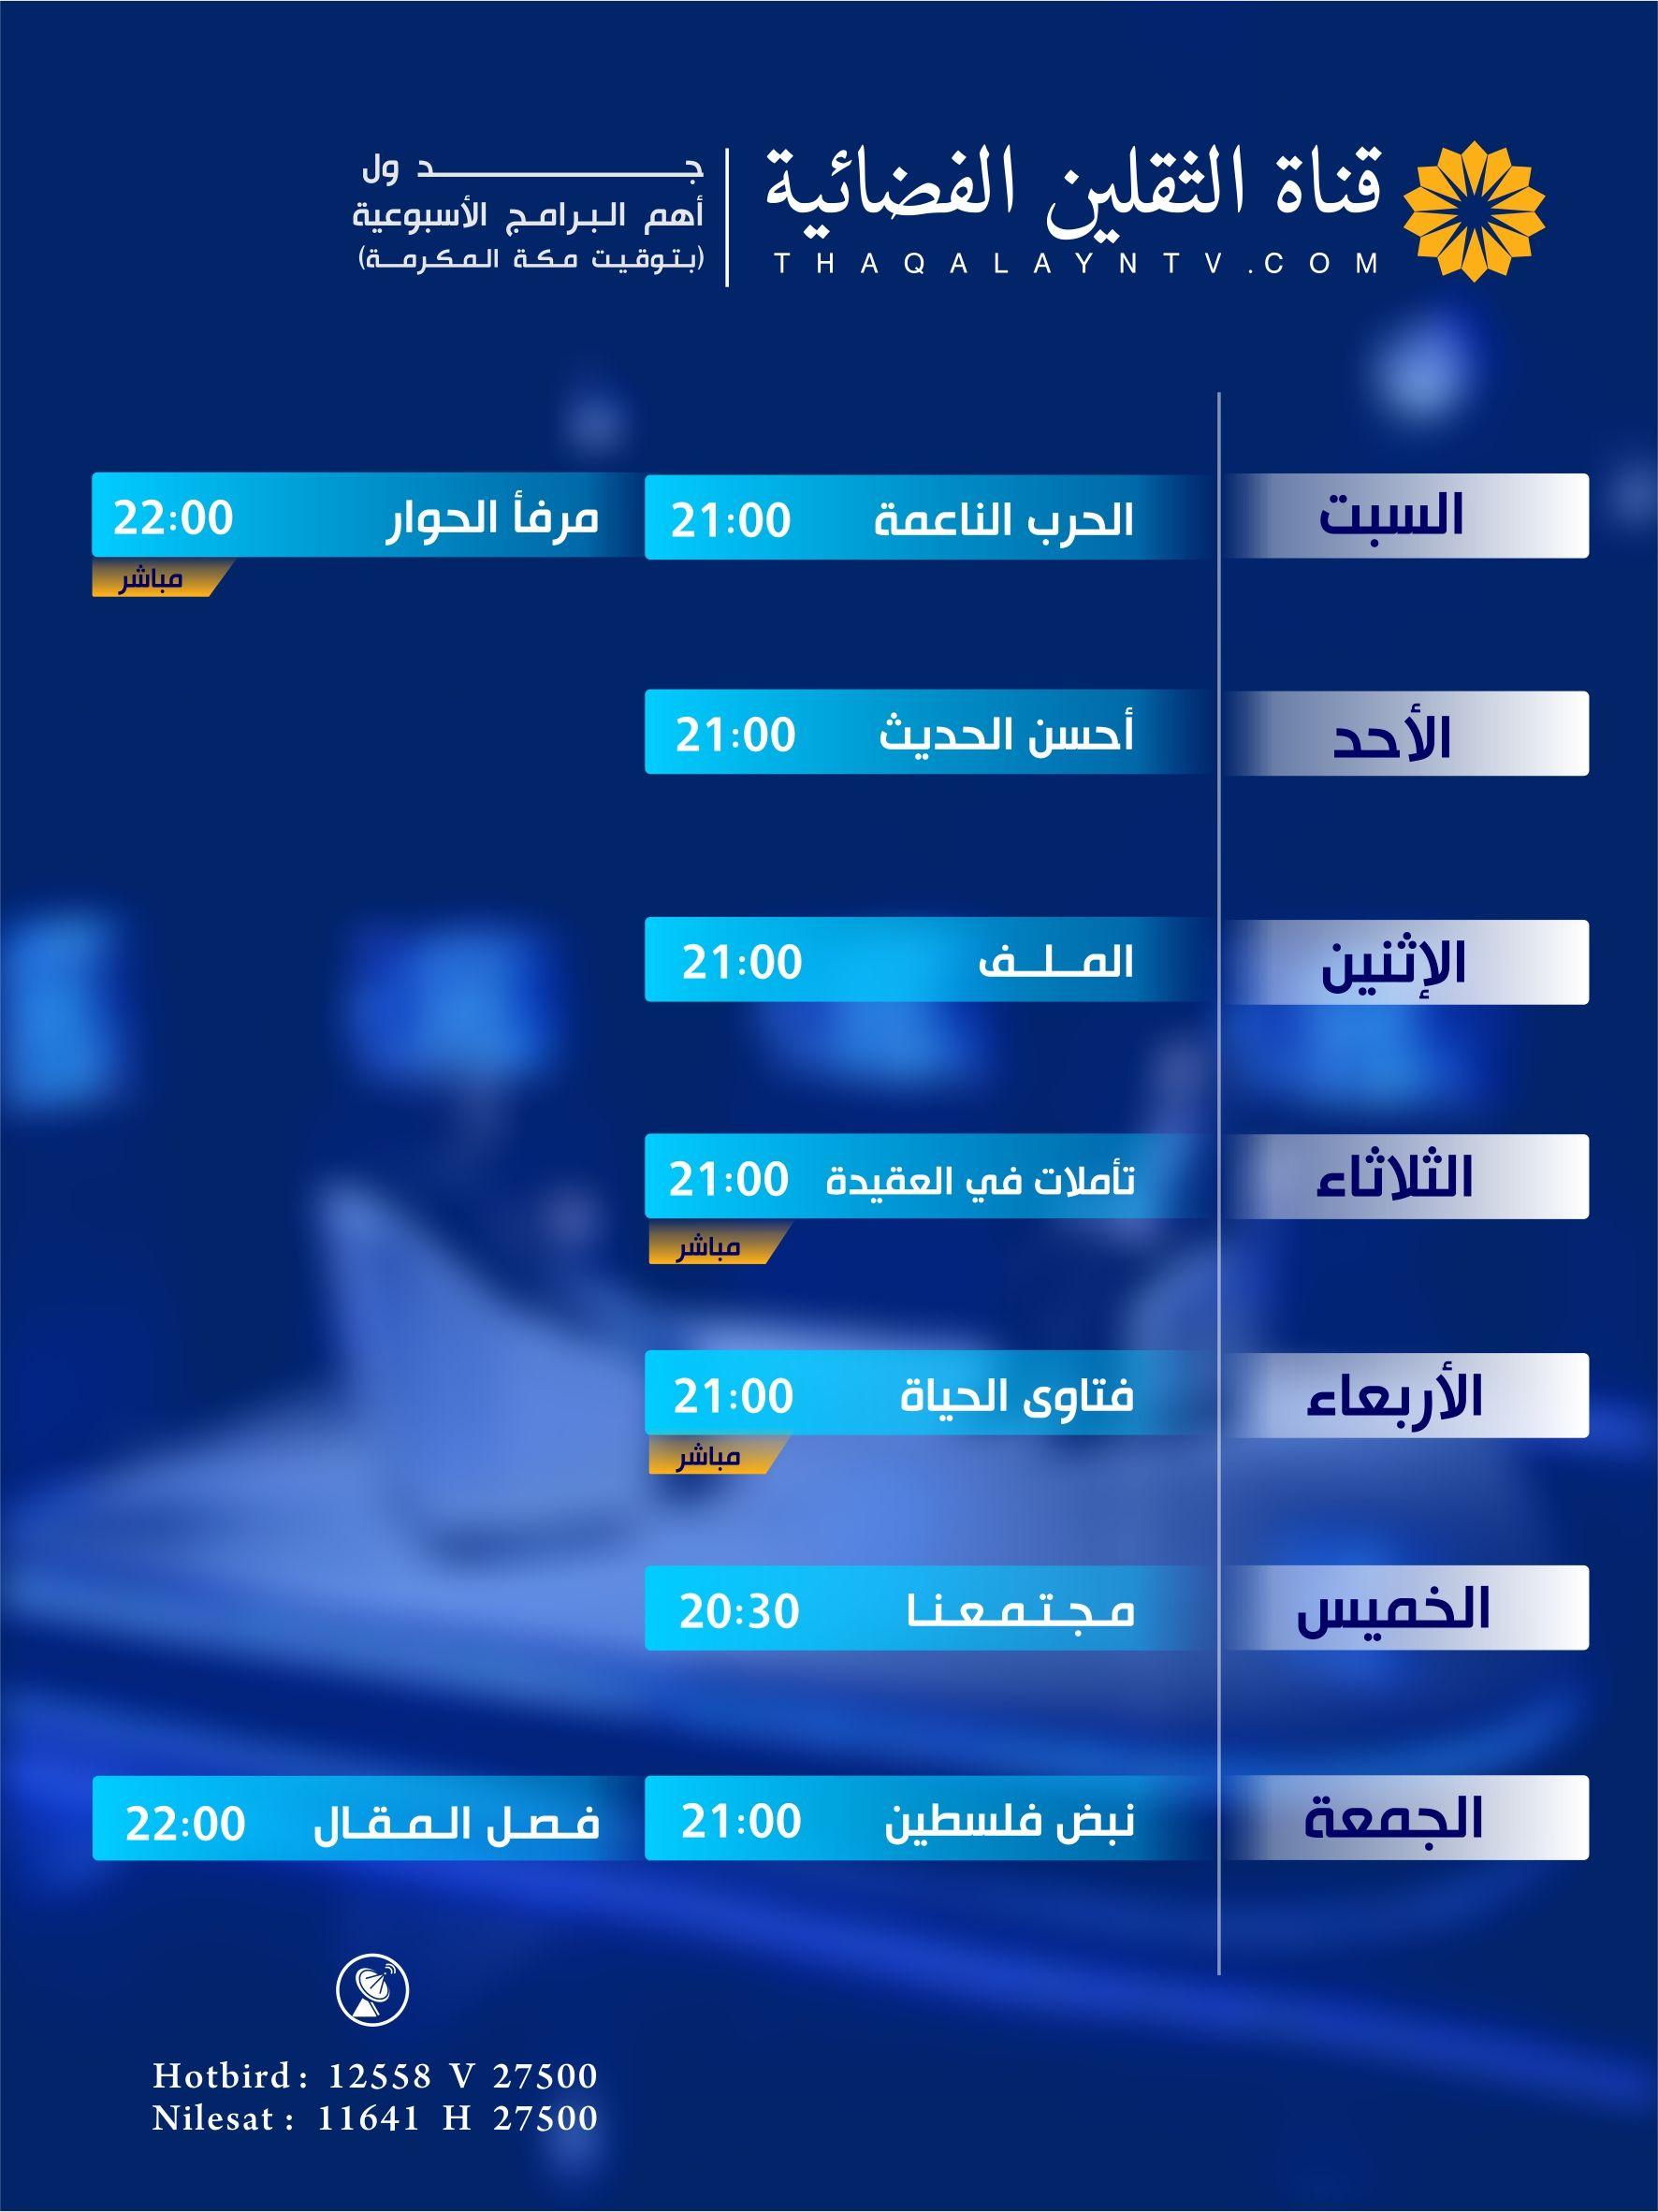 جدول أهم البرامج الأسبوعية التي نقدمها لكم على شاشة قناةالثقلين الفضائية Nilesat H 11641 Hotbird V 12558 Weather Screenshot Asos Weather